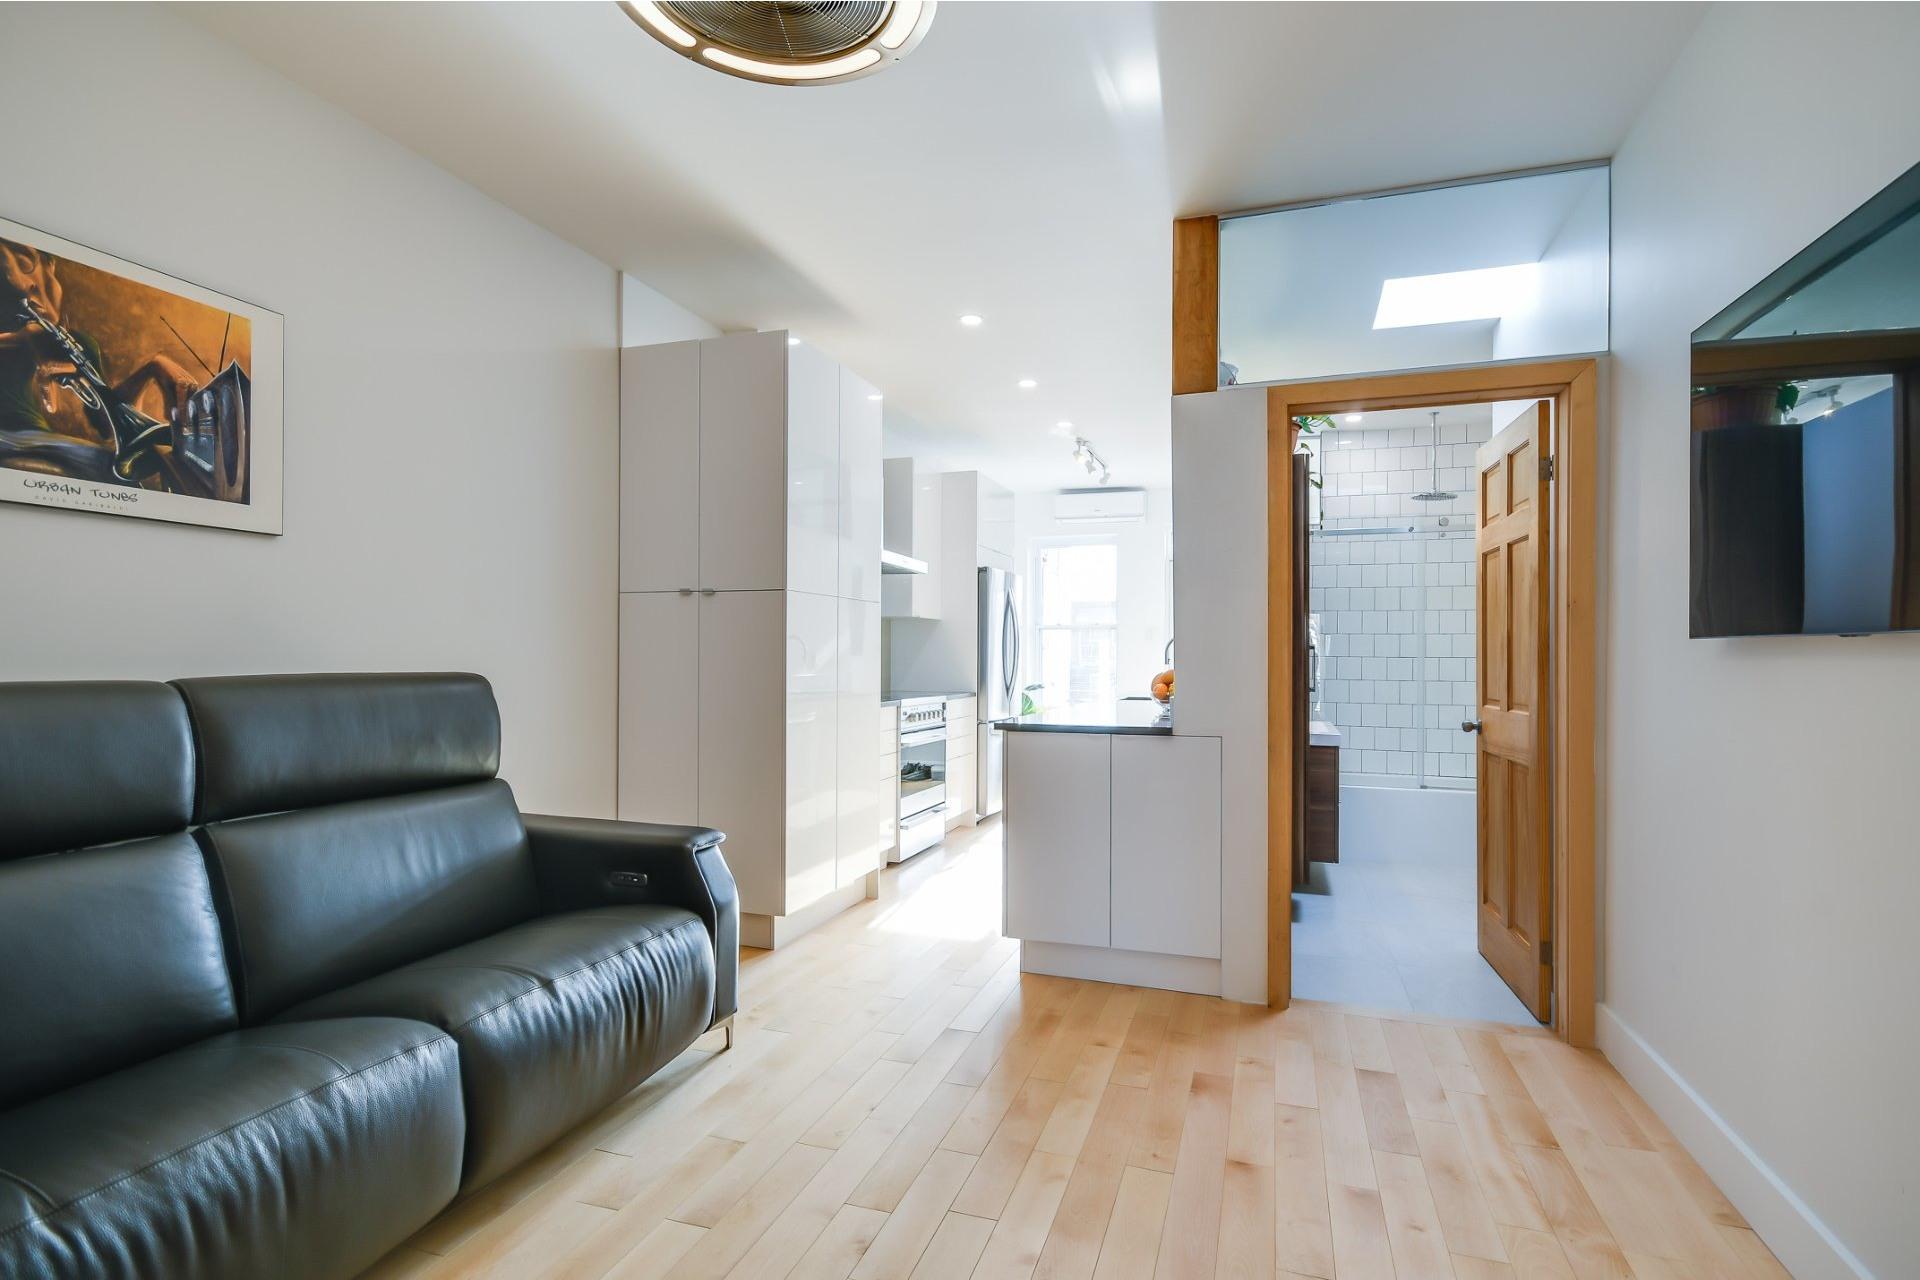 image 9 - Apartment For sale Rosemont/La Petite-Patrie Montréal  - 4 rooms